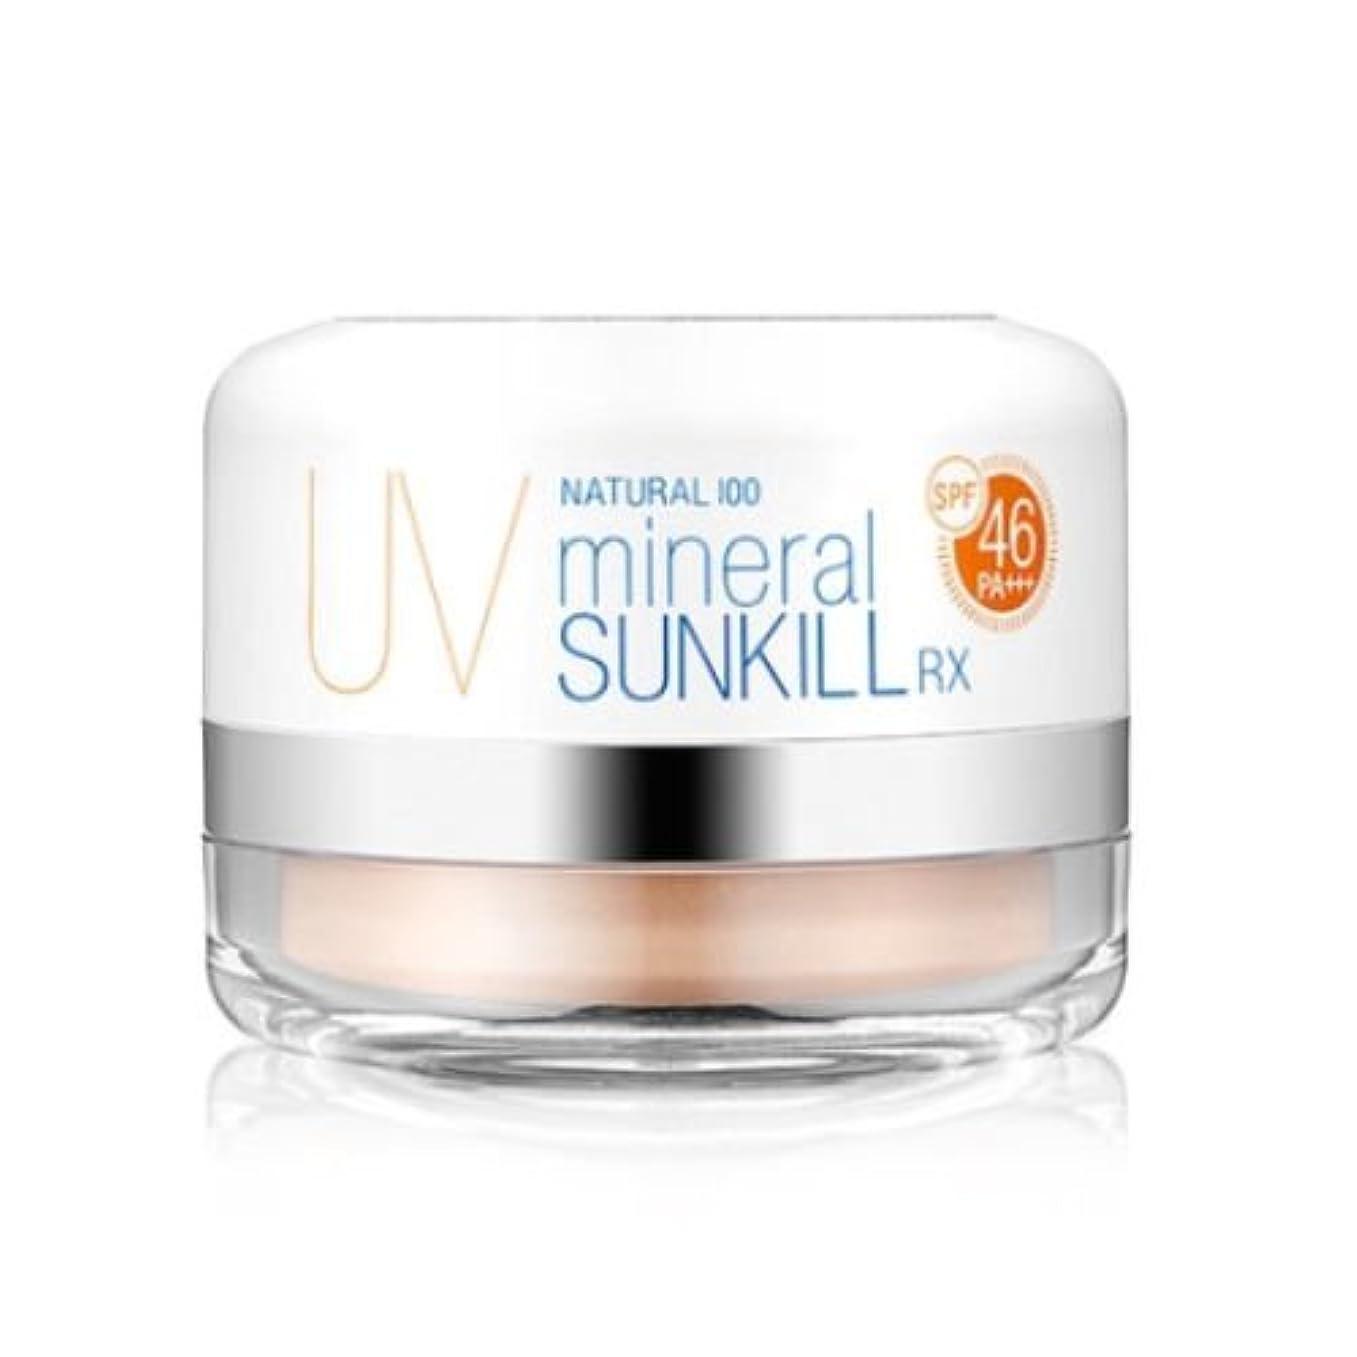 保持するファセットペネロペカトリン[Catrin]Natural 100% Mineral Powder Sunkill RX Natural 100 Mineral Sunkill RX UV Powder ナチュラル100ミネラルソンキルRX...